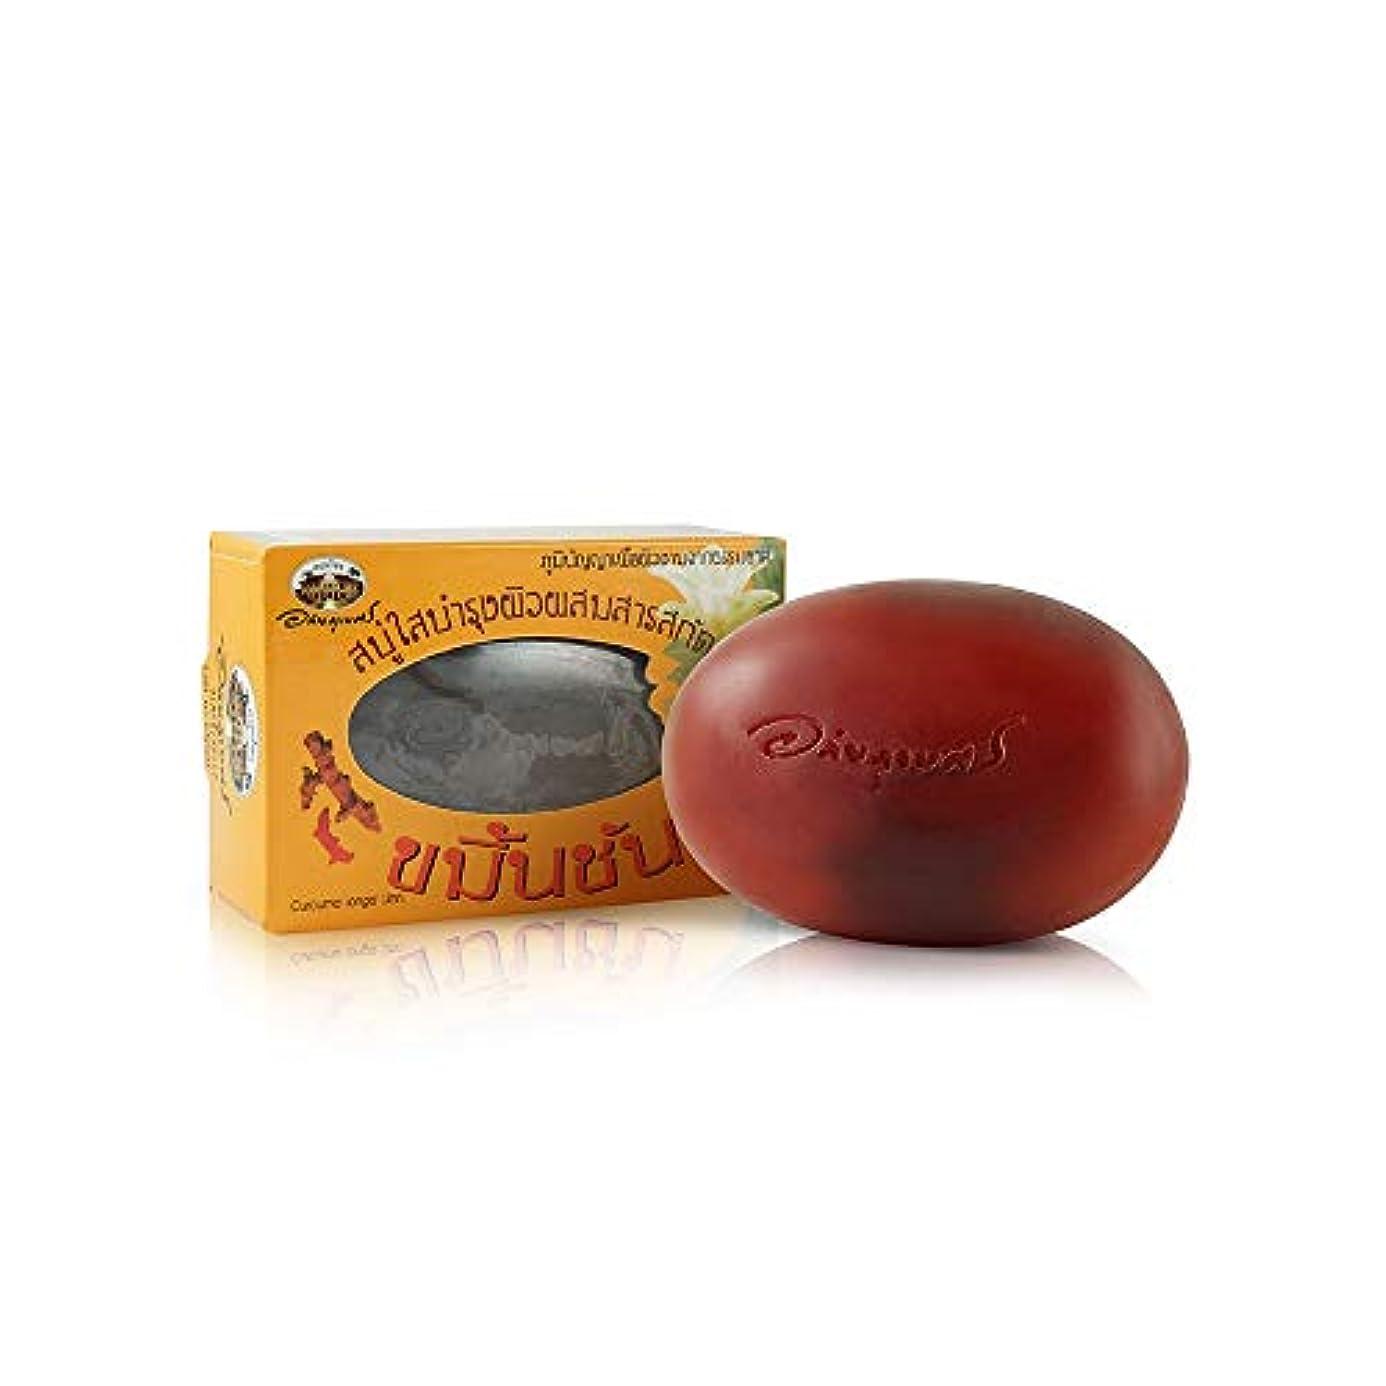 行く消す正午Abhaibhubejhr Turmeric Vitamin E Herbal Body Cleansing Soap 100g. Abhaibhubejhrターメリックハーブボディクレンジングソープ100グラム。